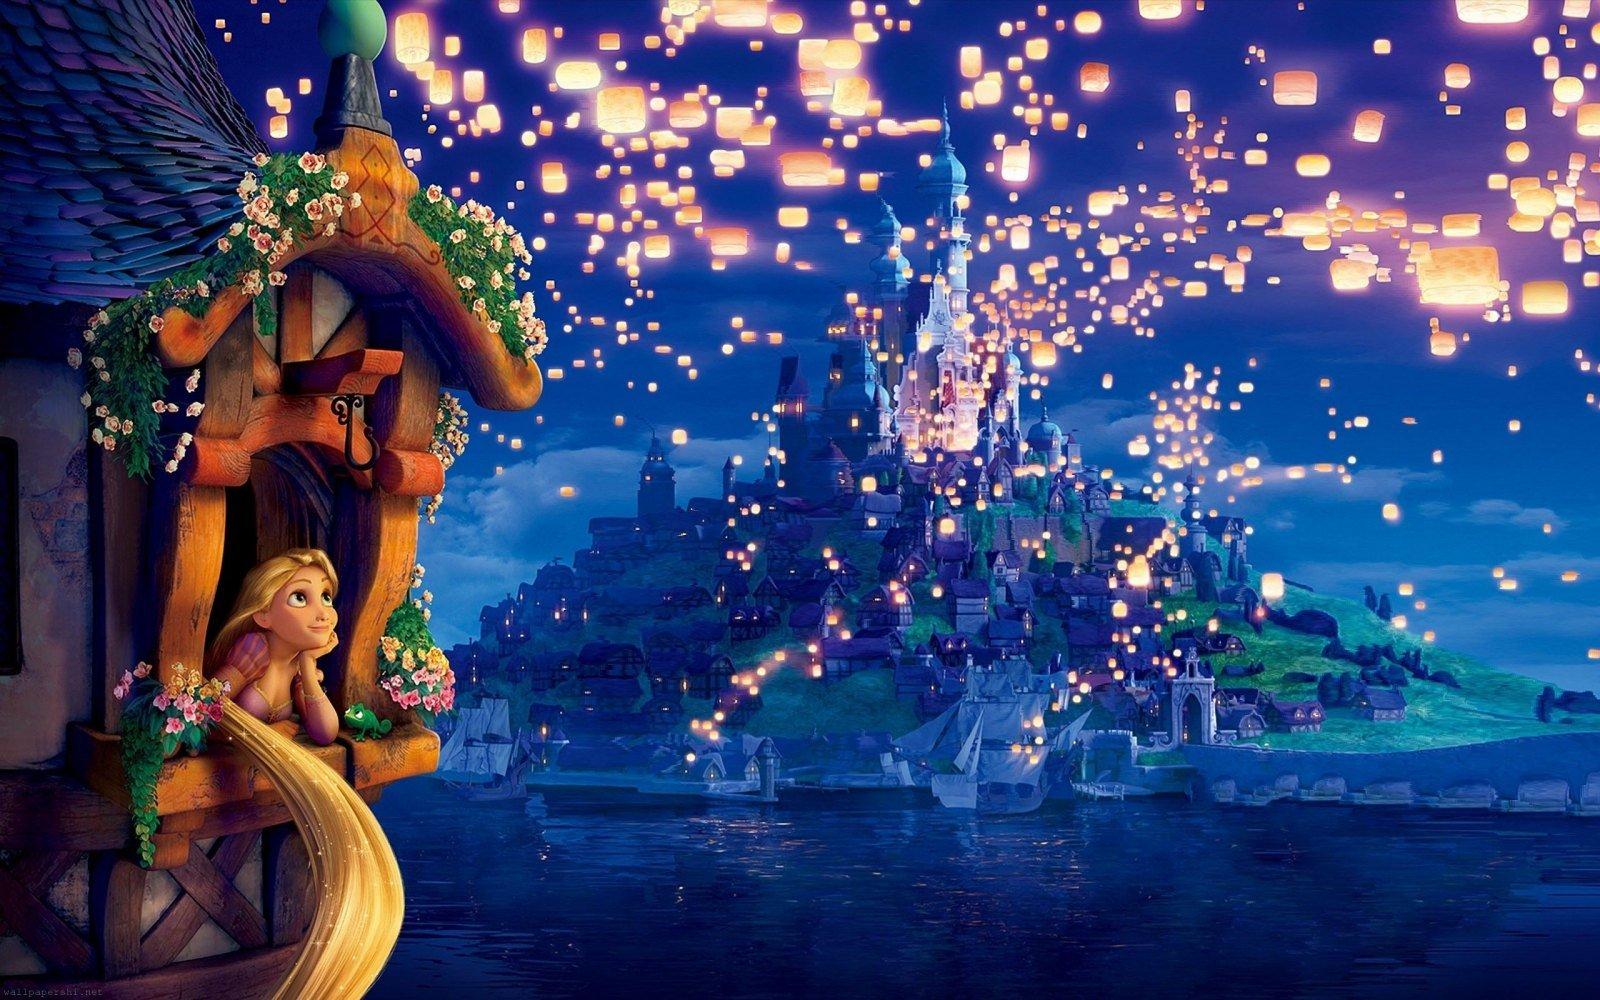 fondo de Rapunzel en el castillo